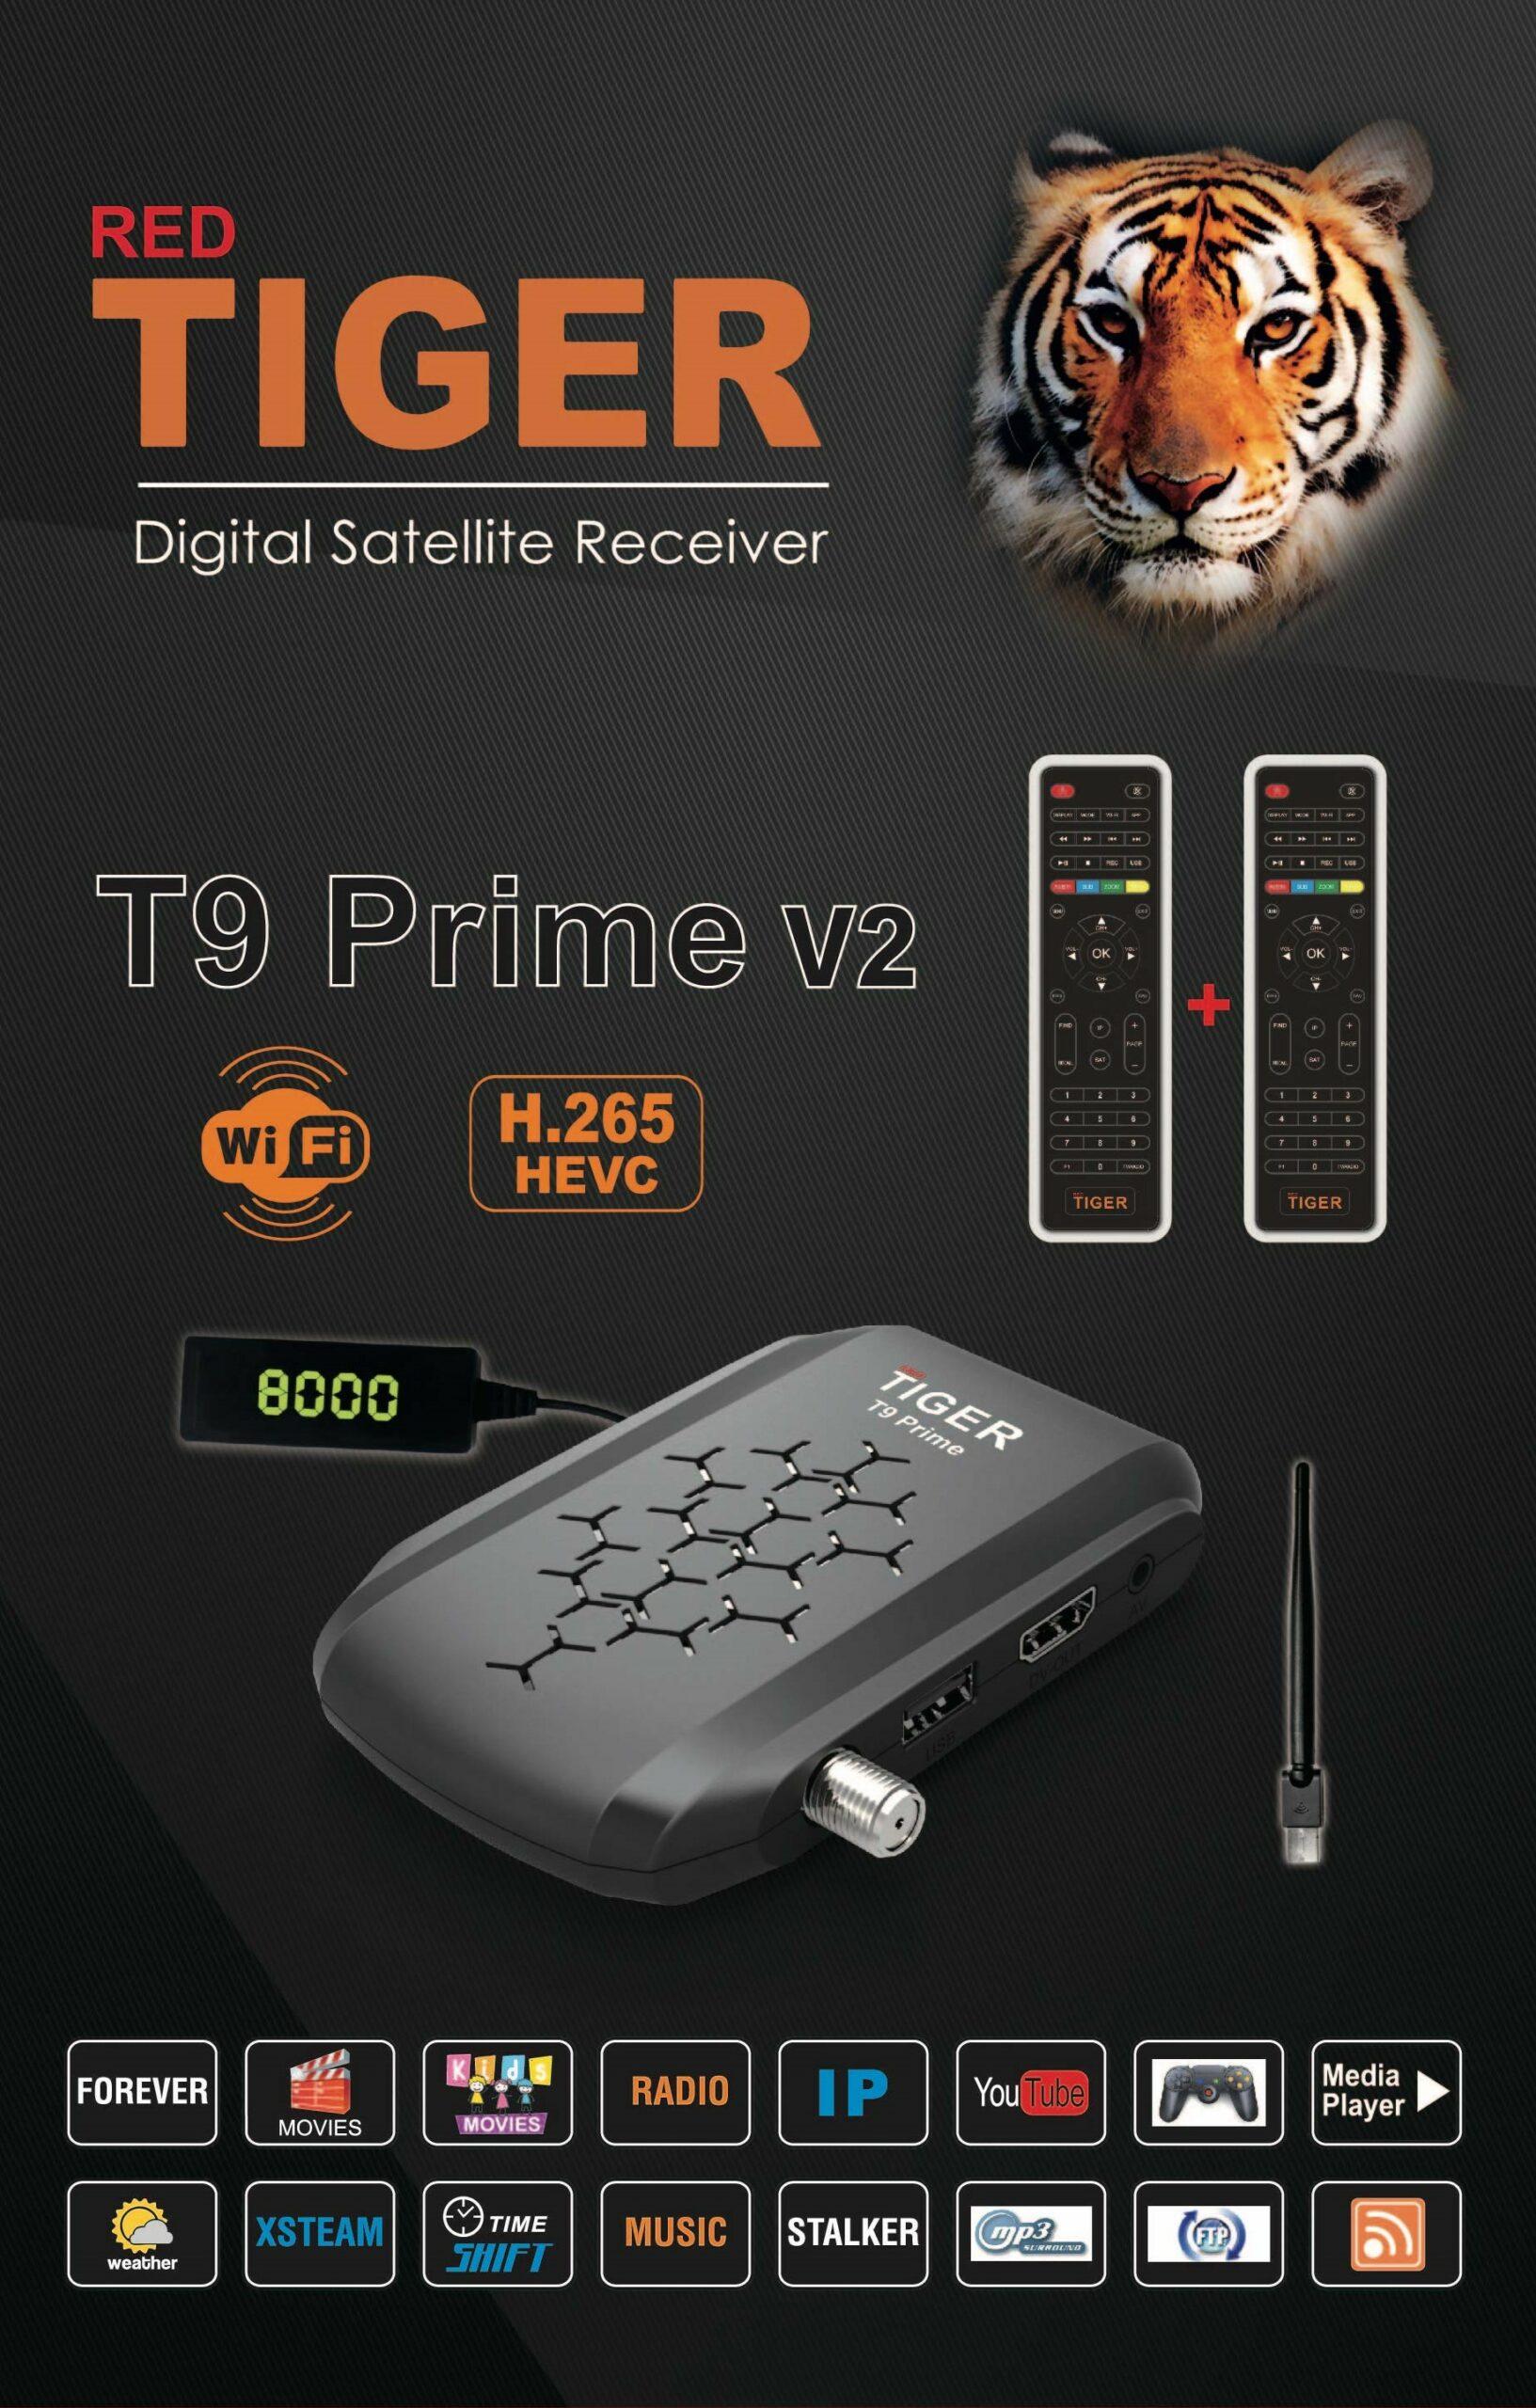 سوفتوير تايقر Tiger Prime بتاريخ T9-Prime-V2-scaled.j